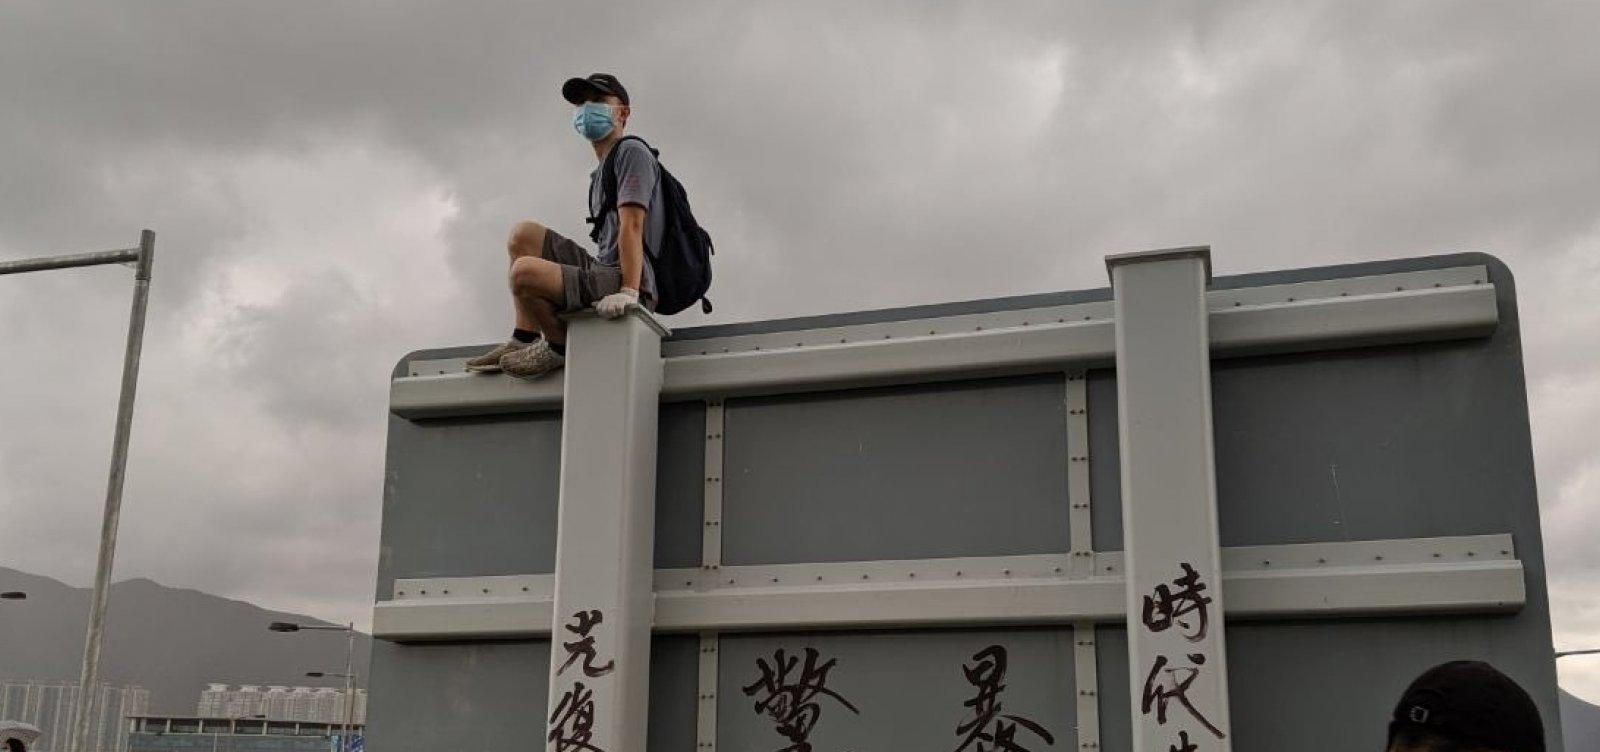 [Maior protesto desde junho ocorre em Hong Kong neste sábado]